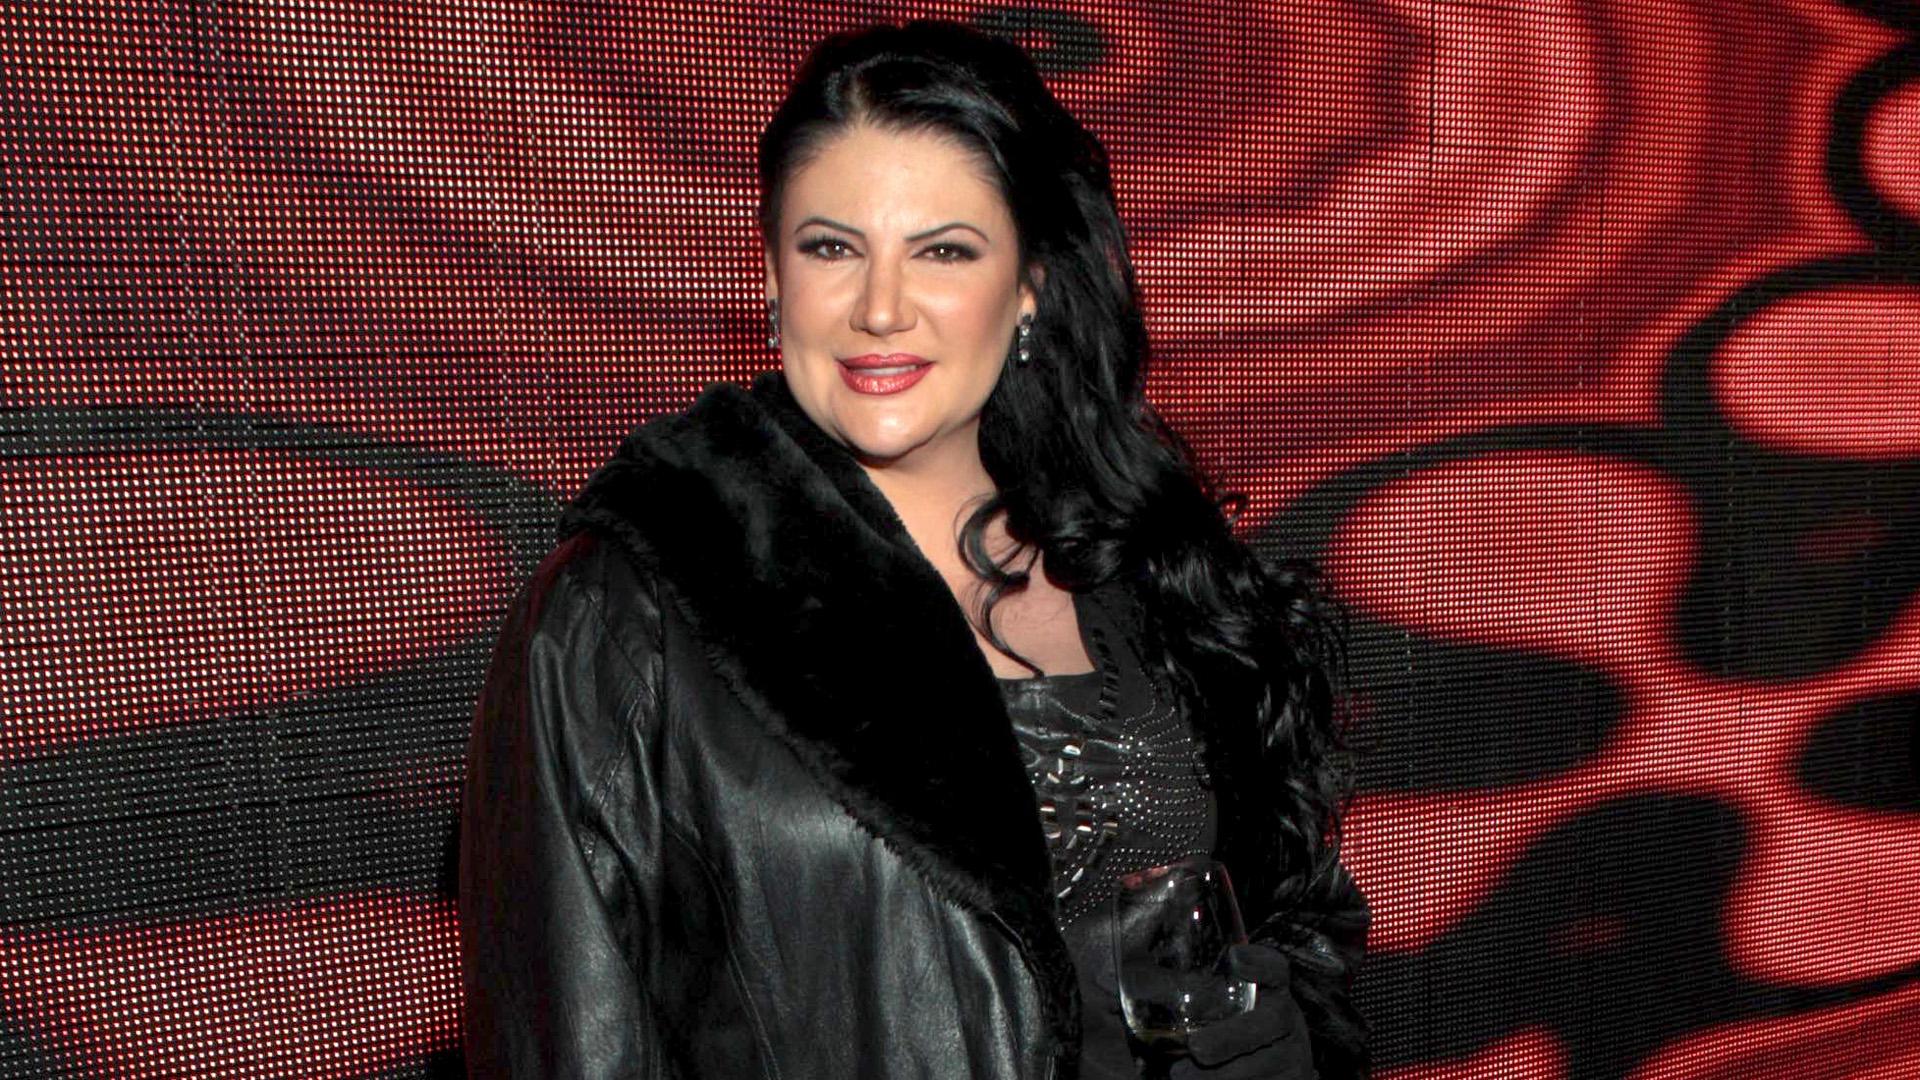 Alejandra avalos afronta con dignidad sus kilos y su edad univision